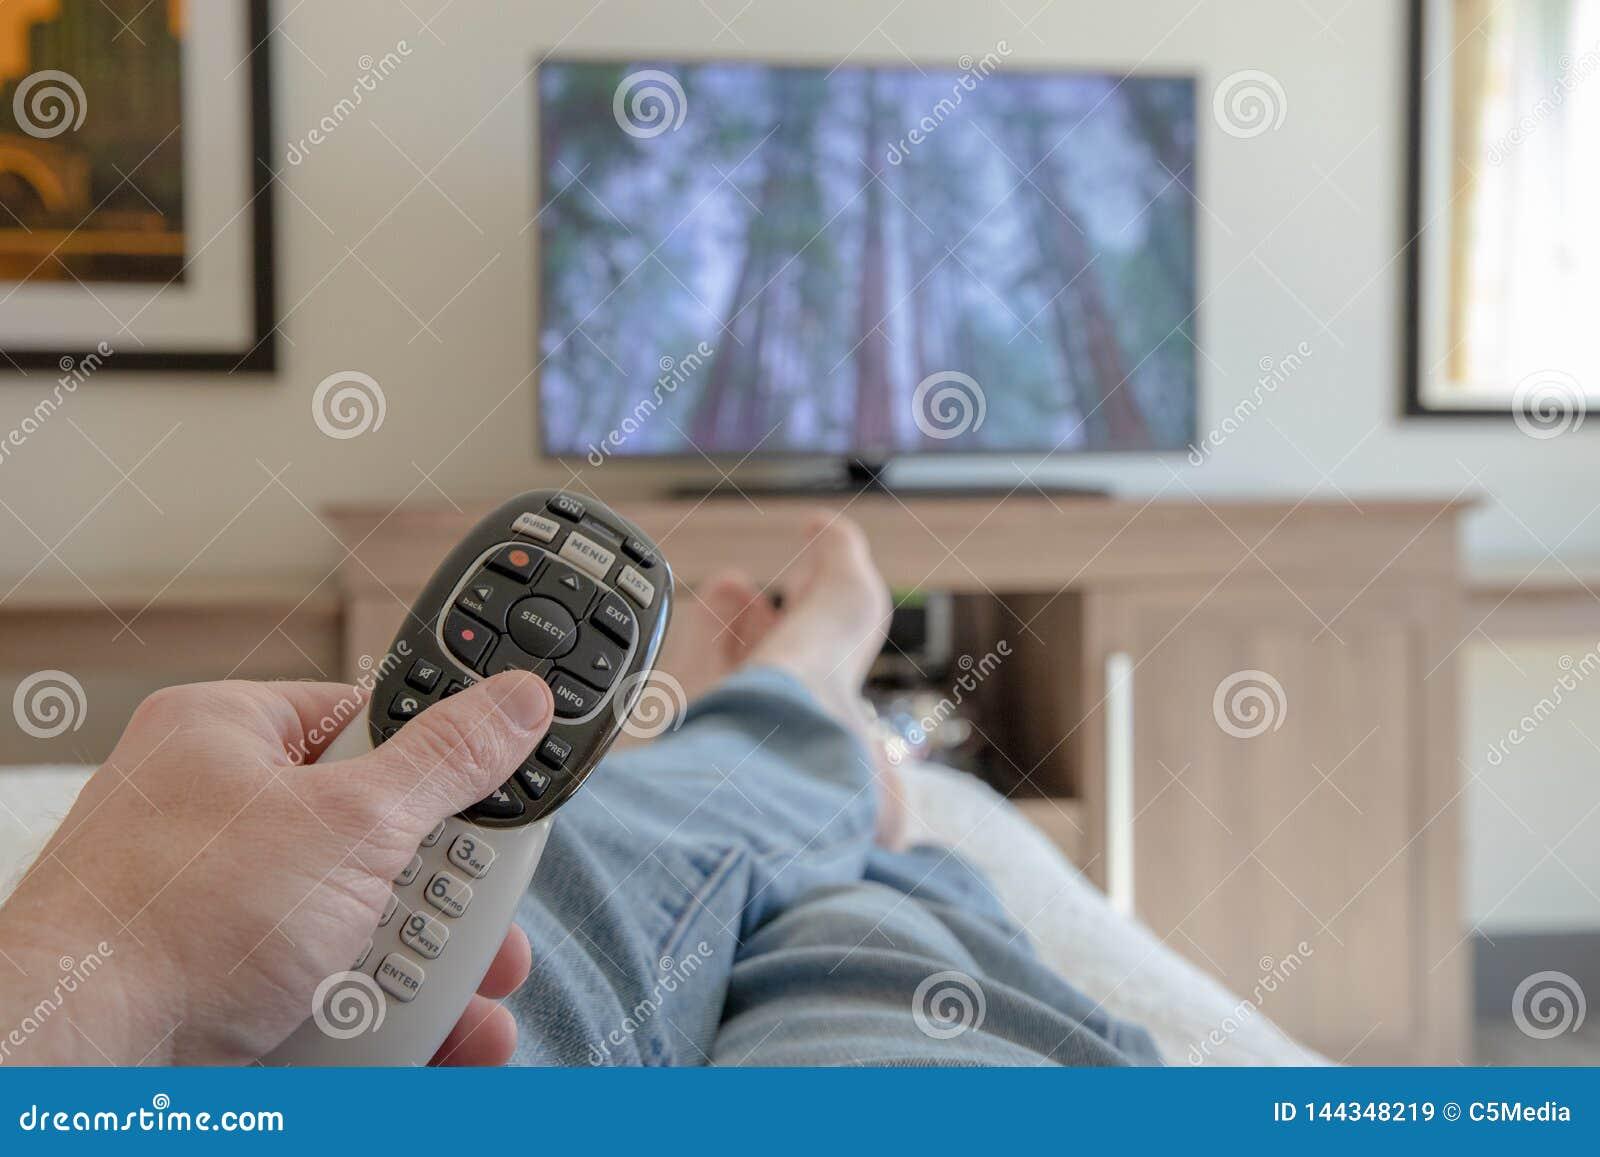 De afstandsbediening van de handholding voor TV terwijl het ontspannen met voeten propped omhoog - Ondiepe velddiepte